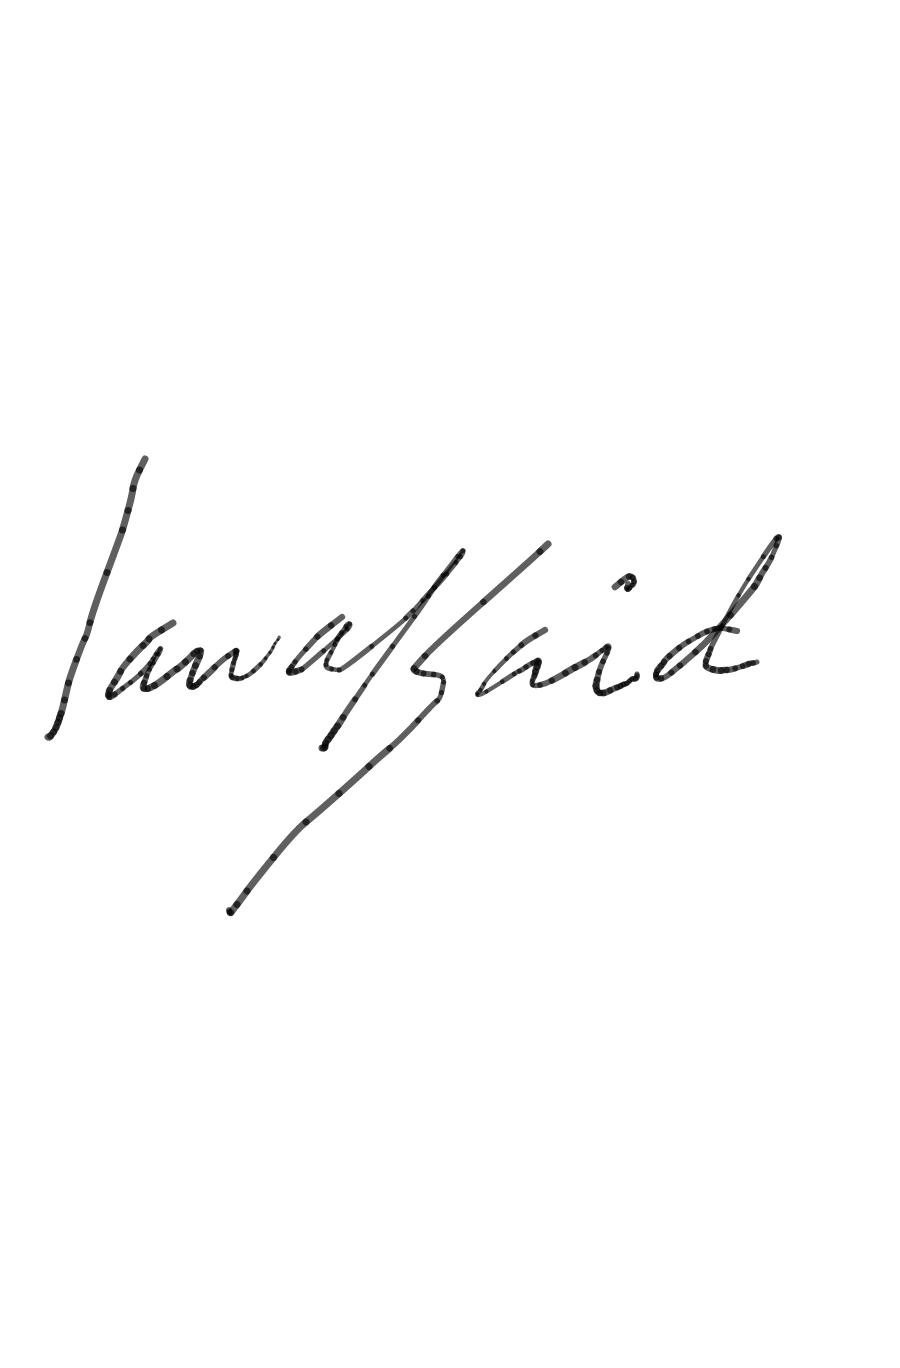 Said Oladejo-lawal's Signature